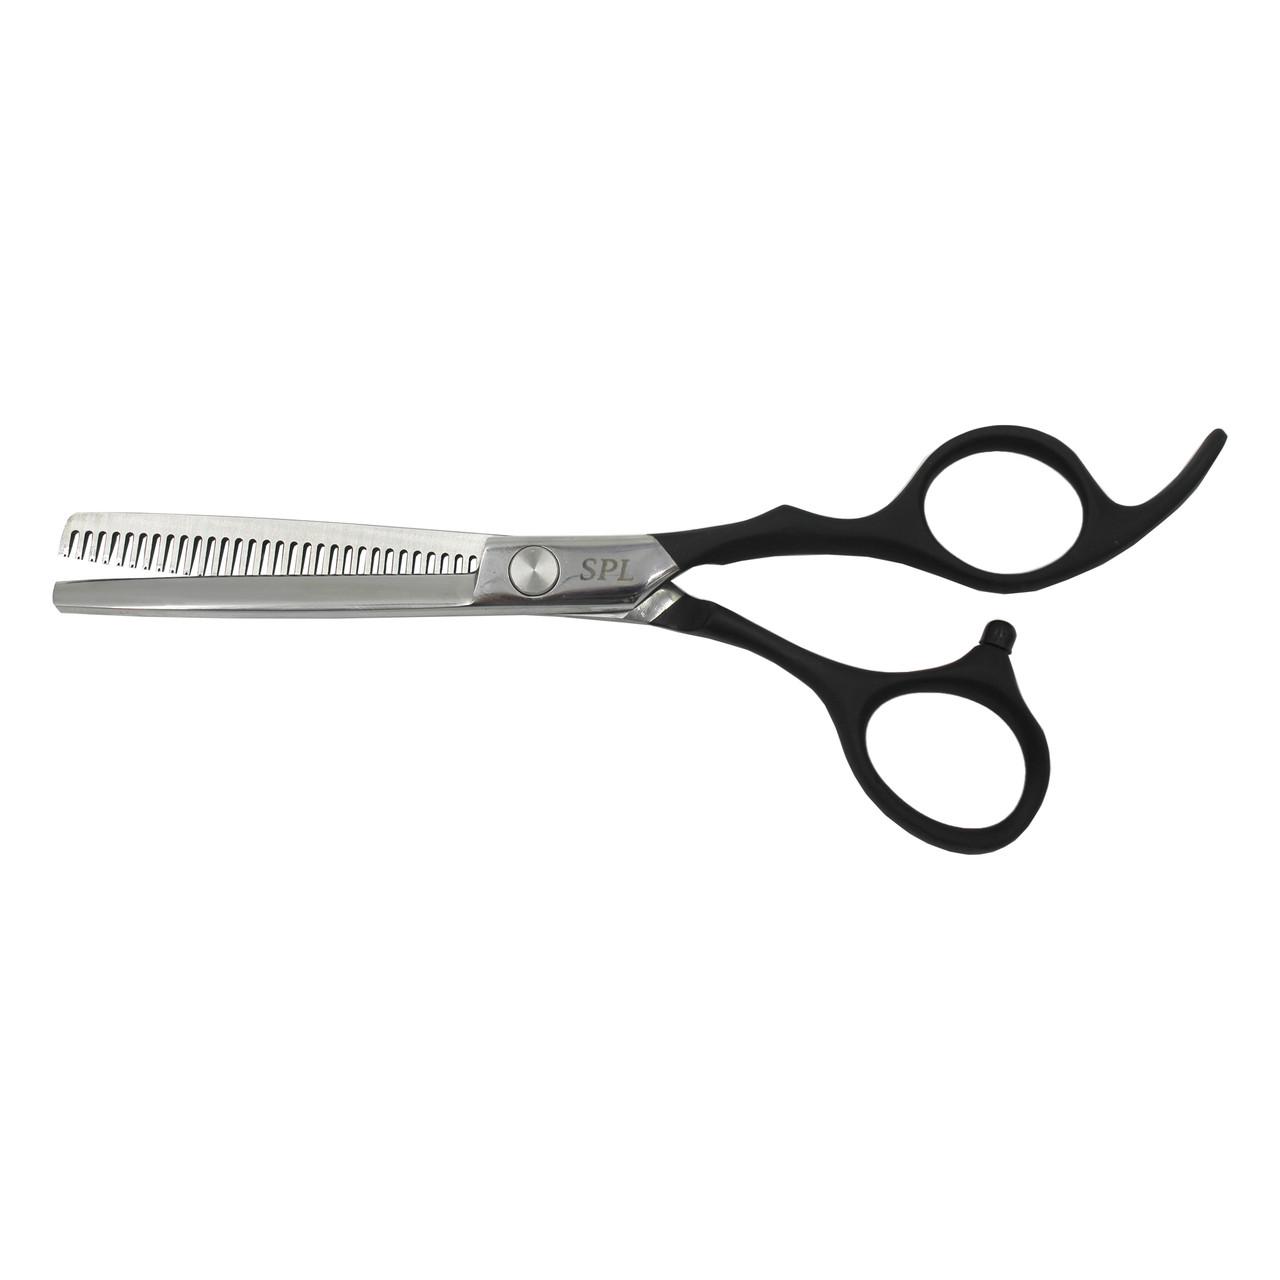 Профессиональные ножницы SPL, филировочные 6.0(90046-30)